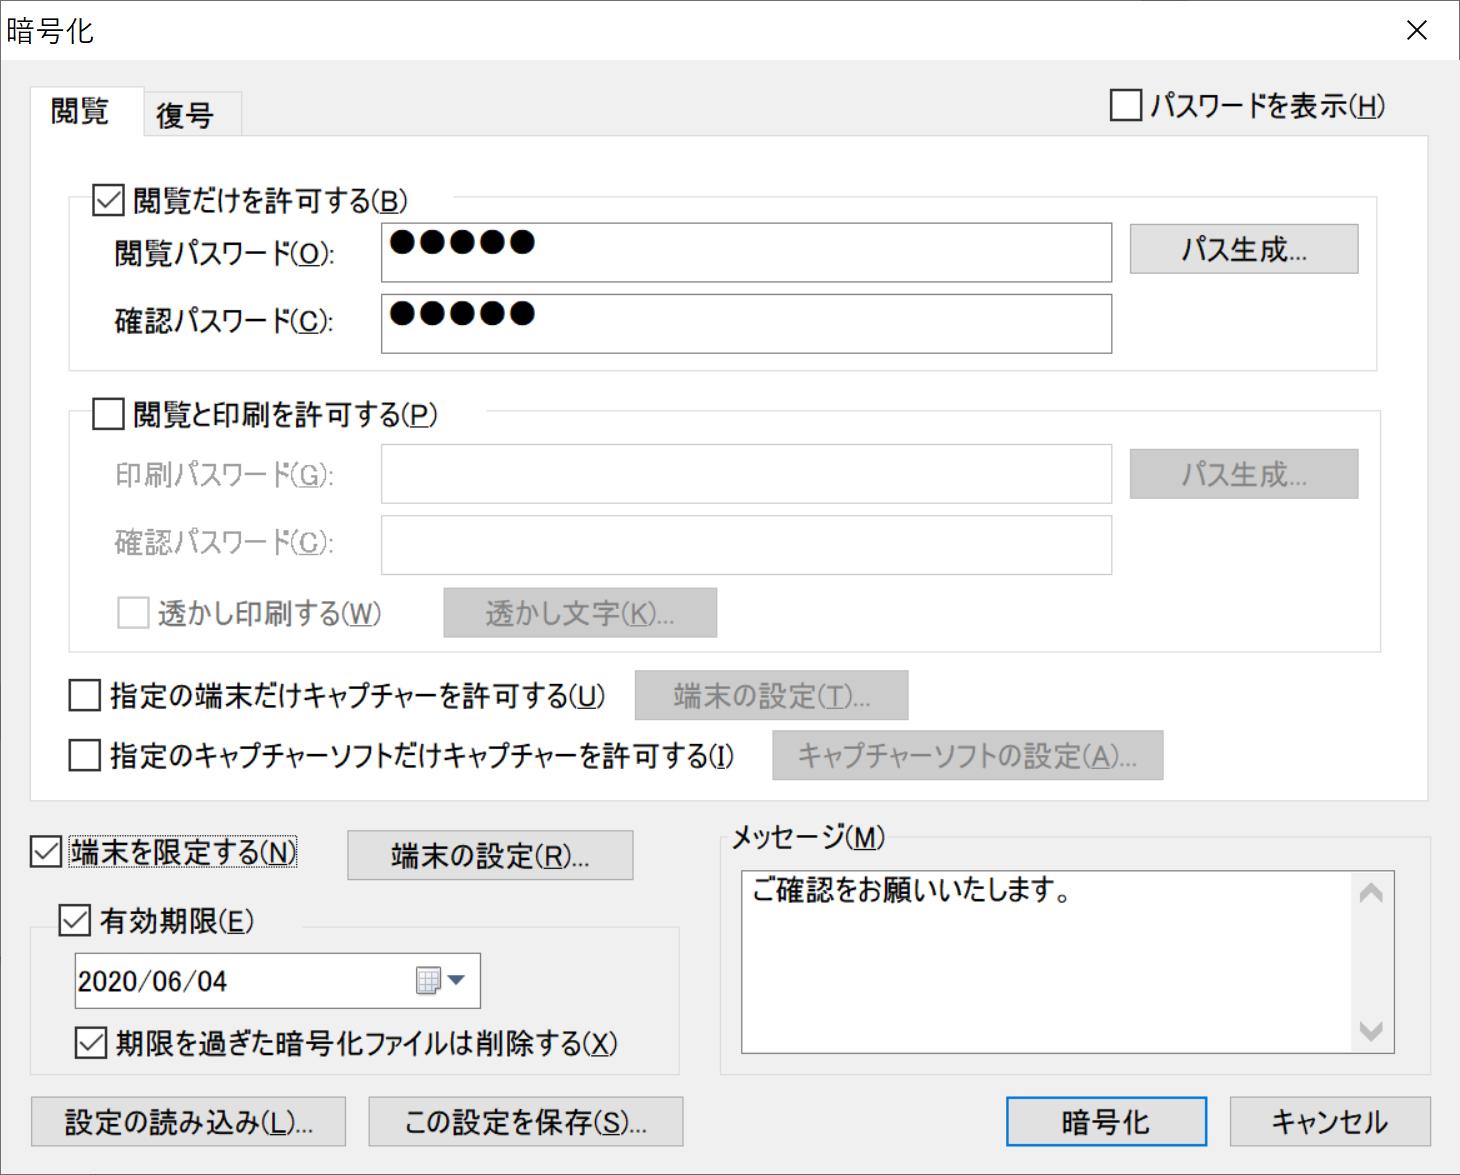 パスワードだけで、閲覧限定ファイルとして利用制御